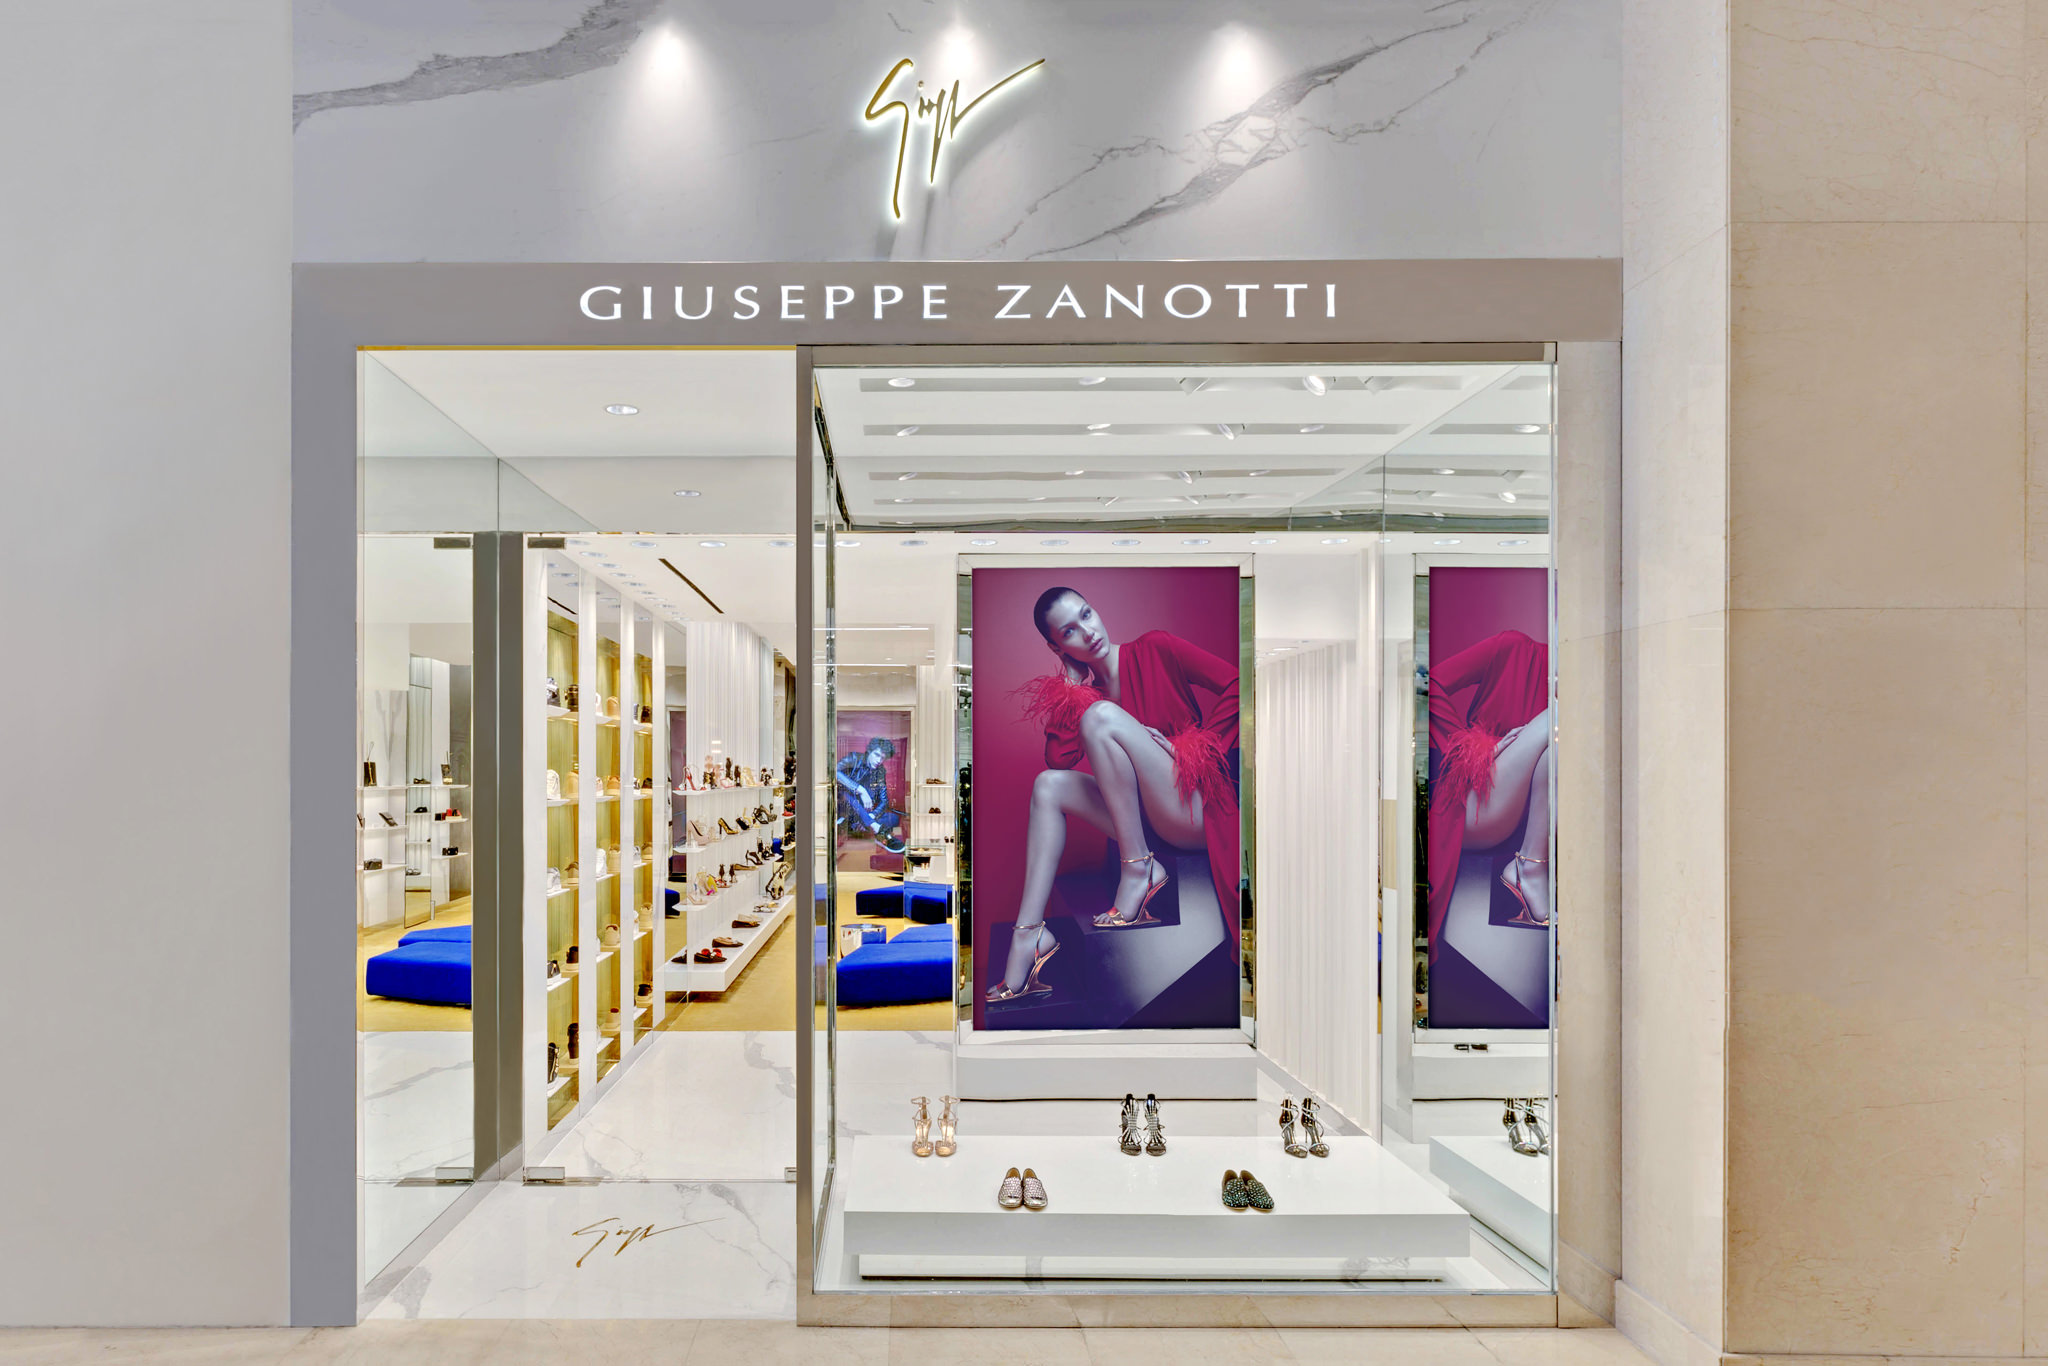 20170807 - Giuseppe Zanotti - HCM - Commercial - Interior - Store - Retouch 20.jpg